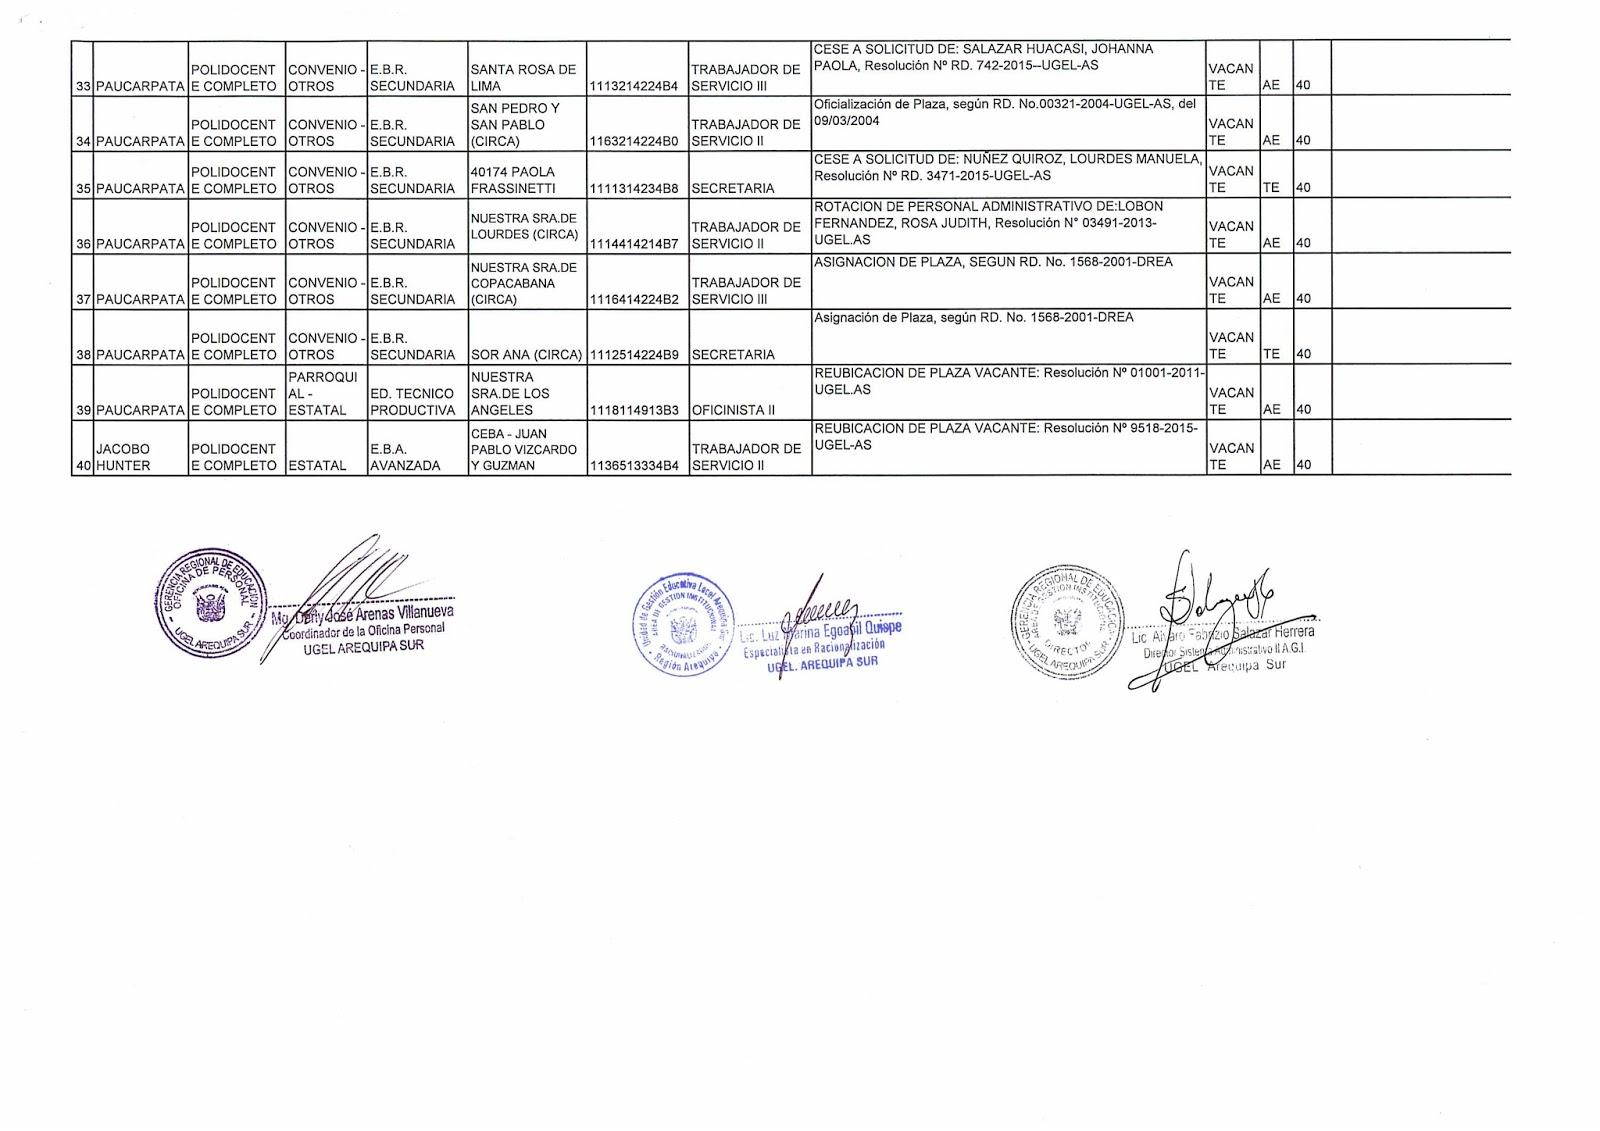 Plazas vacantes para contrata plazas vacantes para for Plazas concurso docente 2016